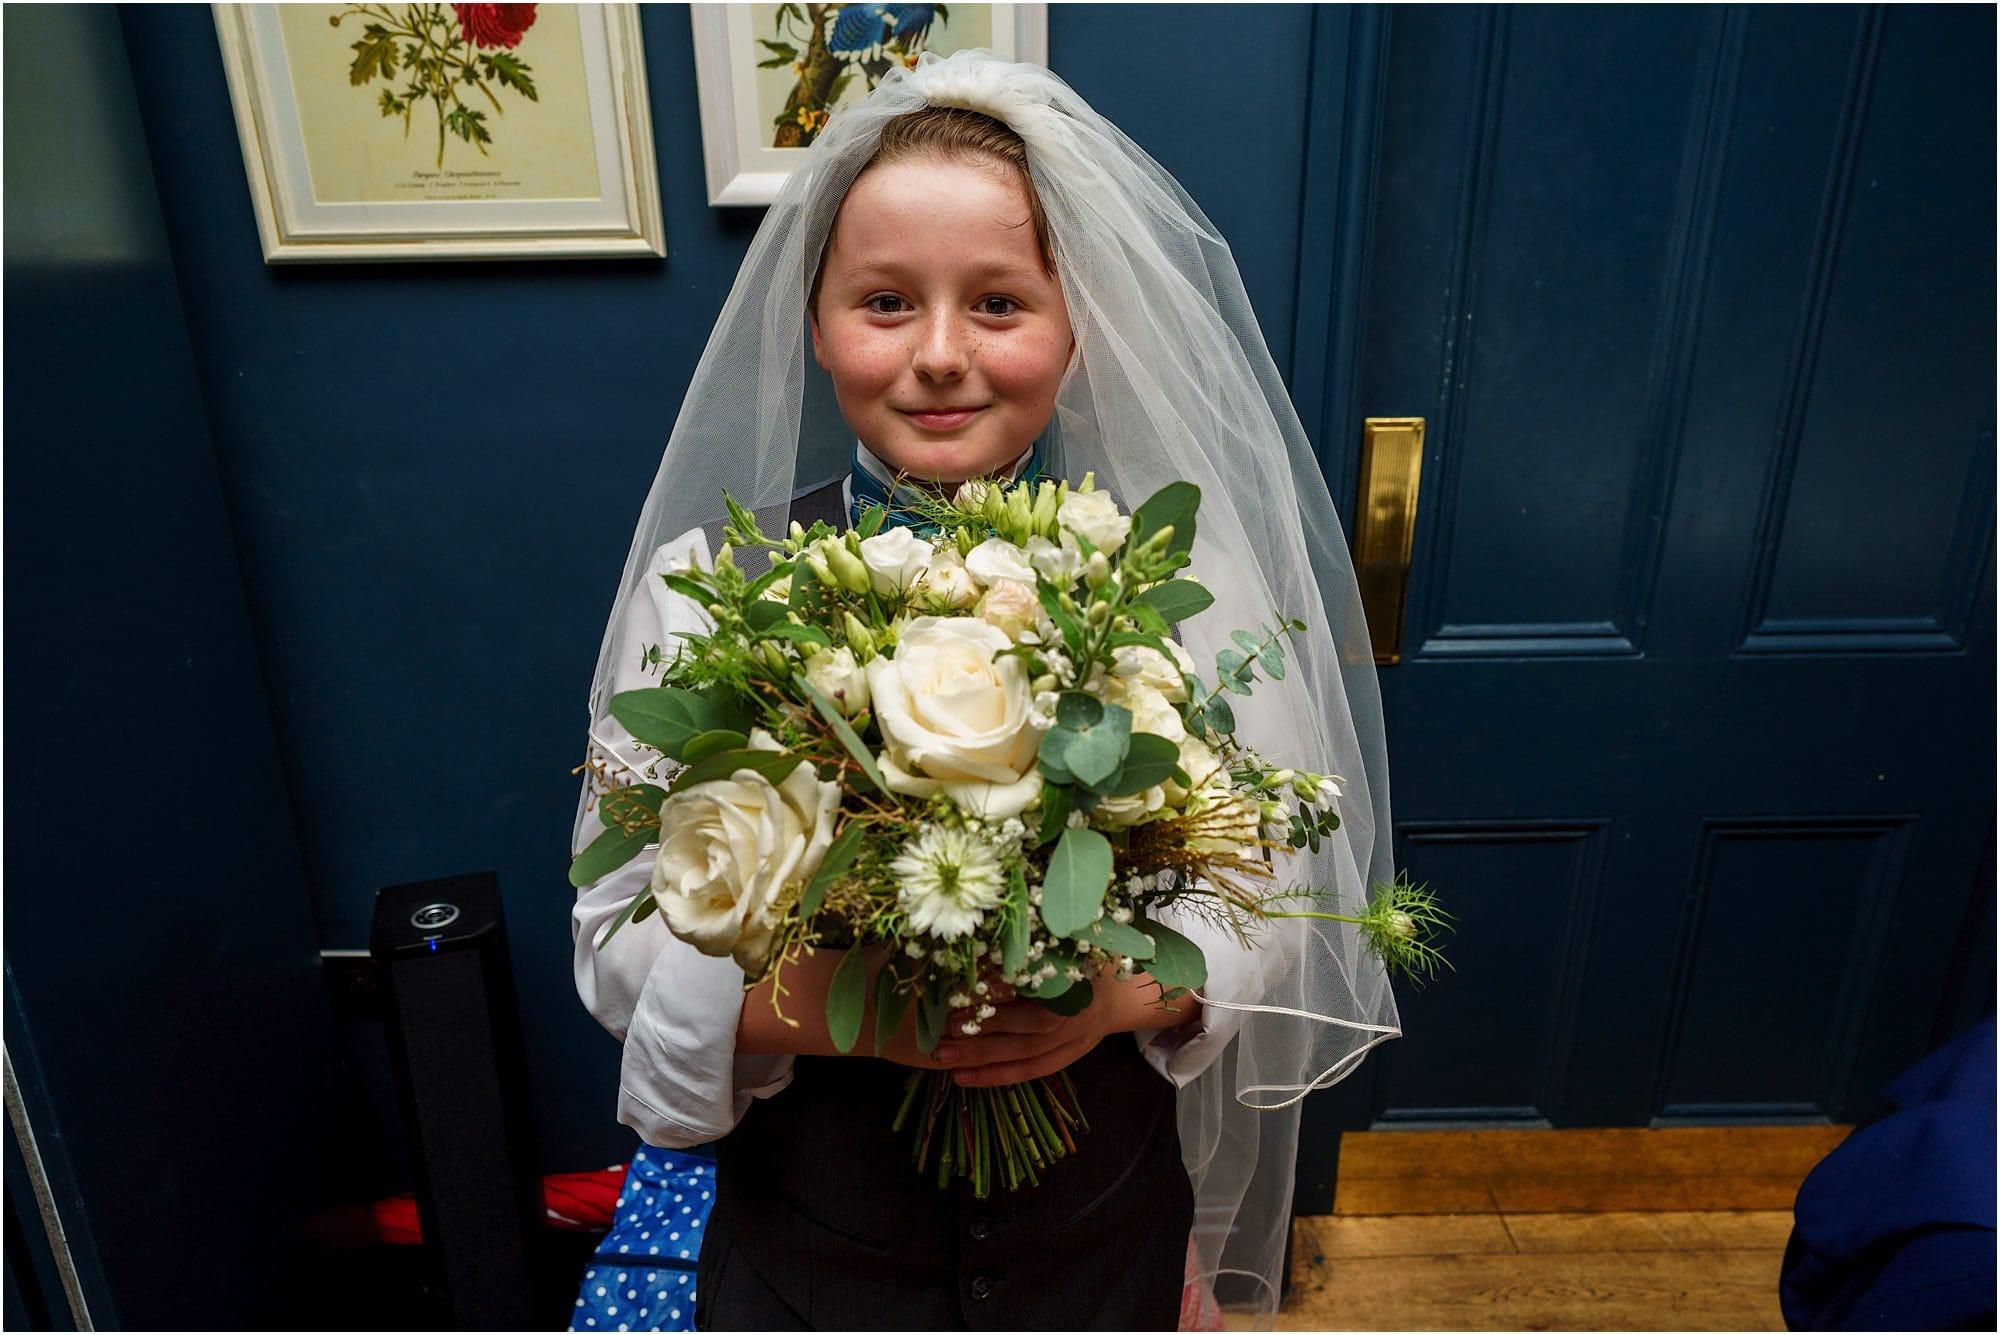 boy dressed as a bridesmaid